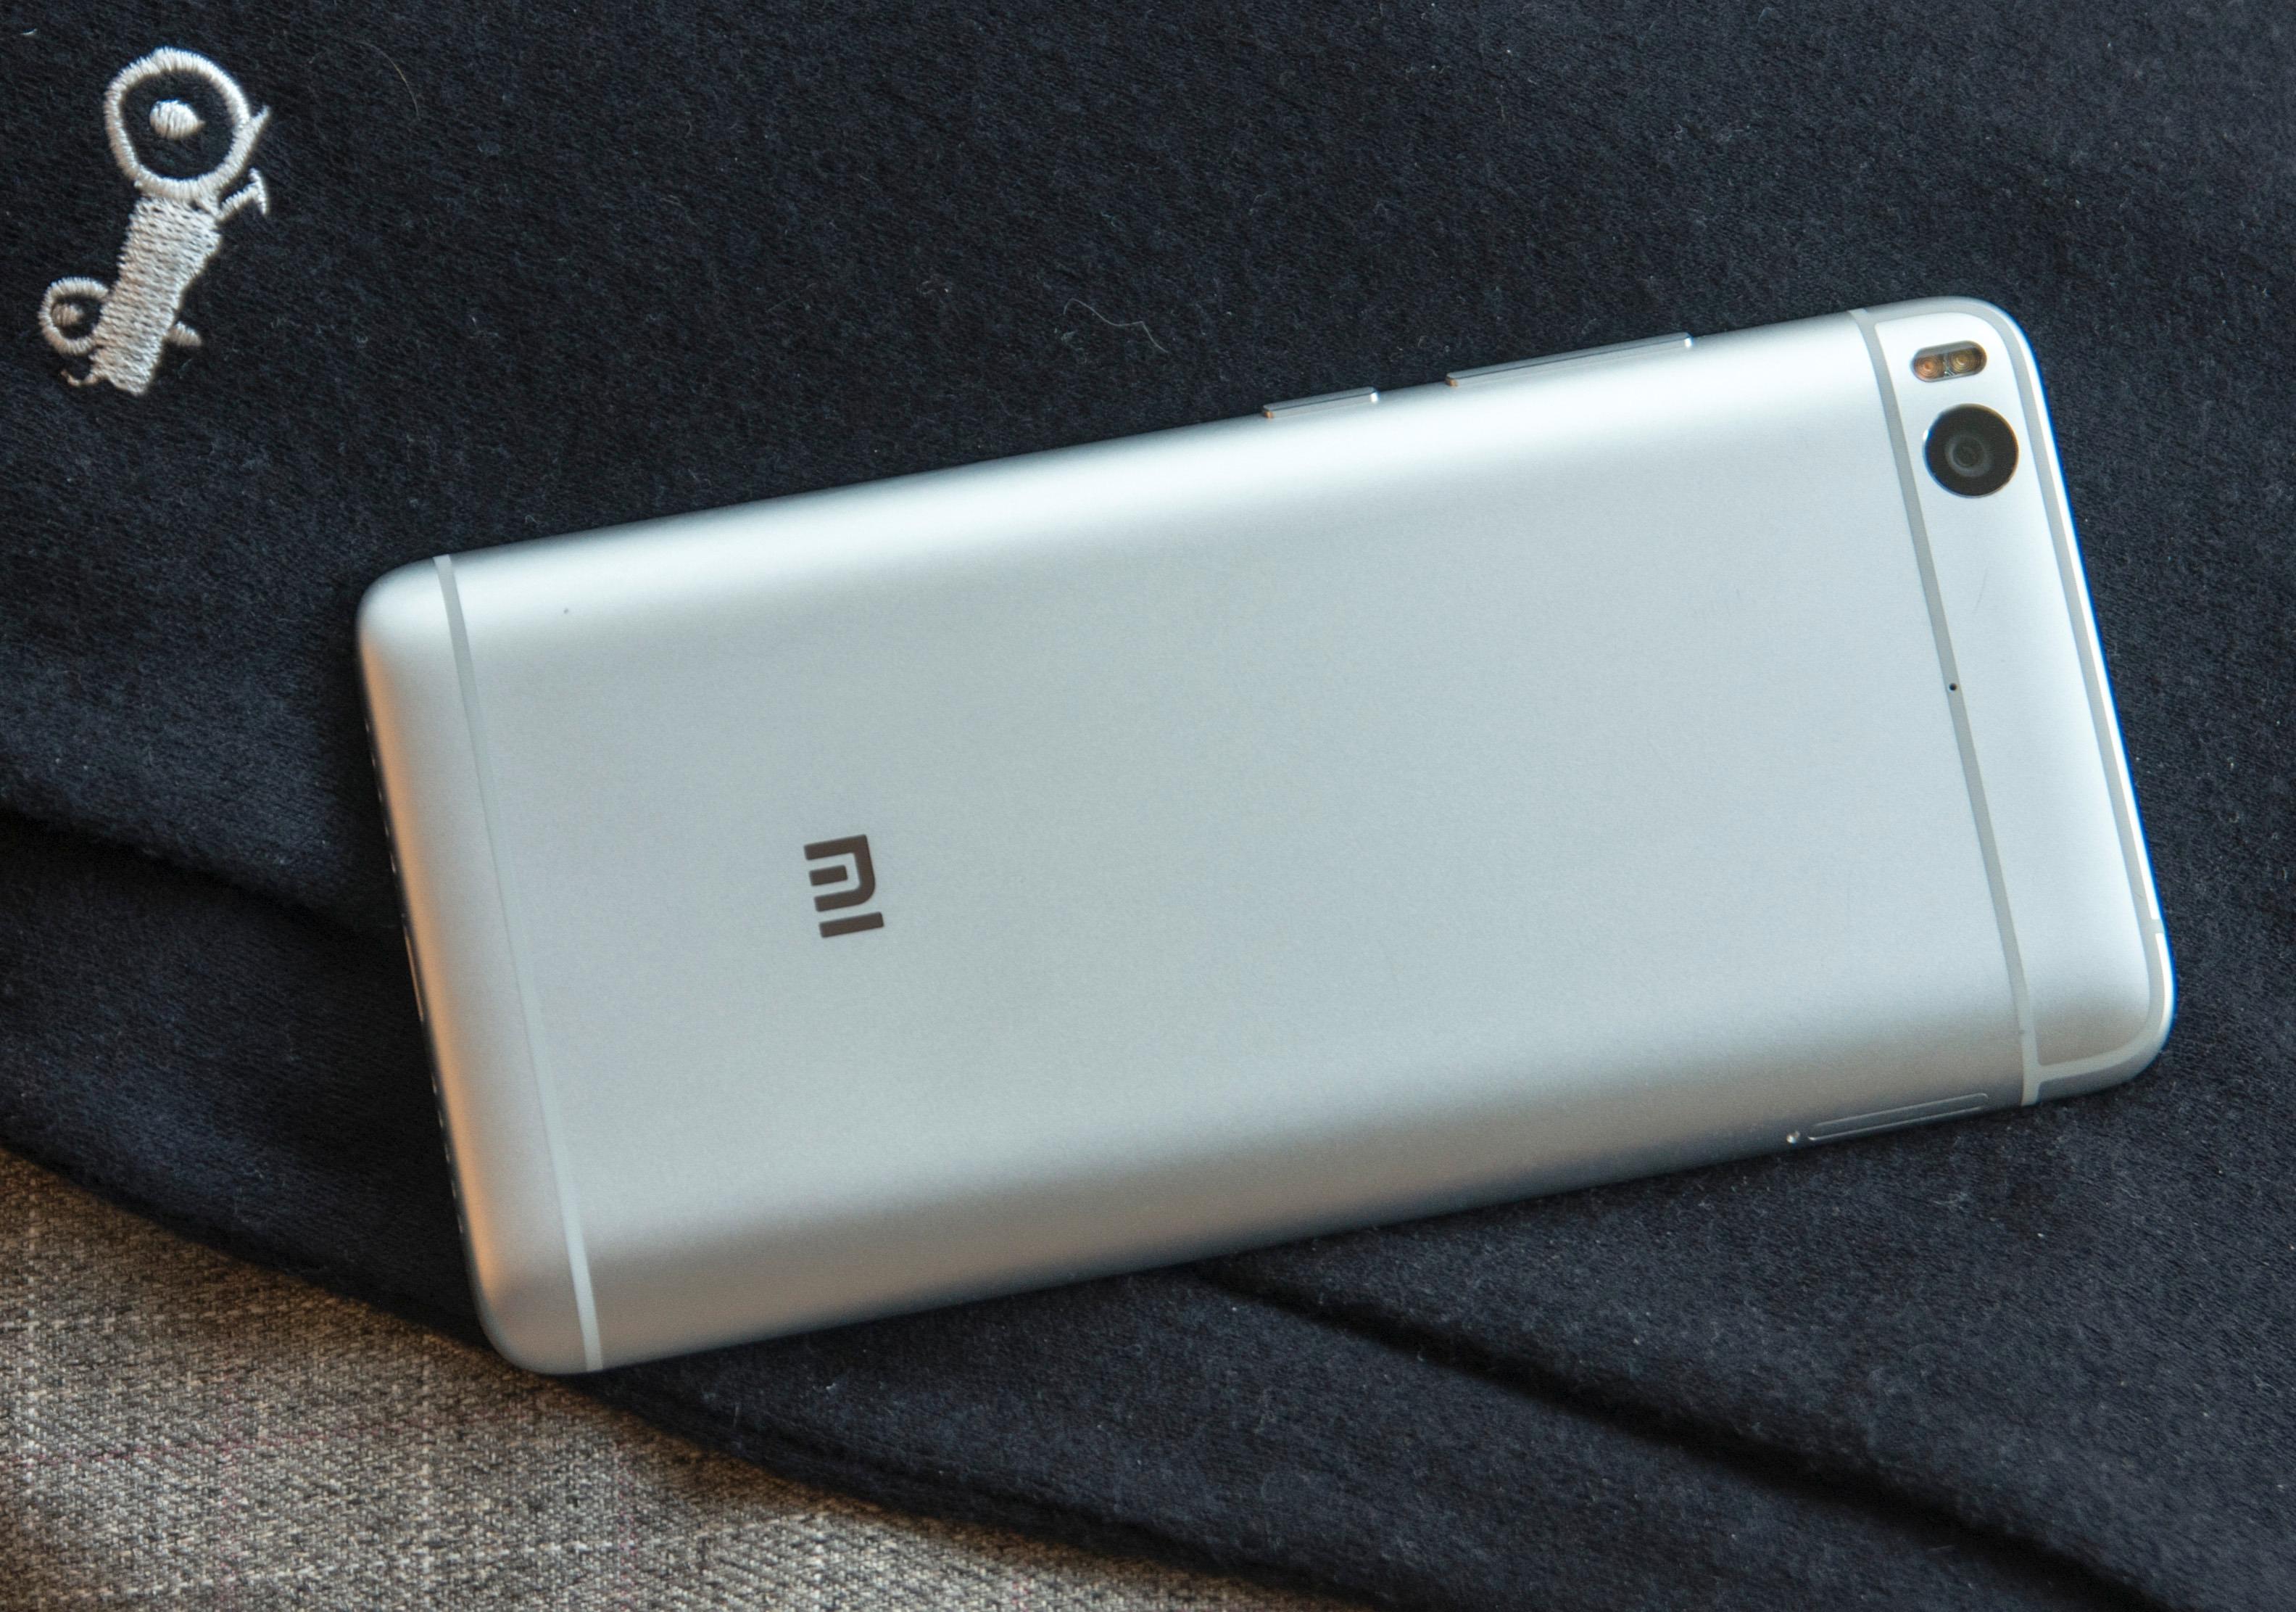 Xiaomi Mi 5S er stilren men ganske anonym i designen. Antennebåndene har vi etter hvert sett i en haug forskjellige telefoner.